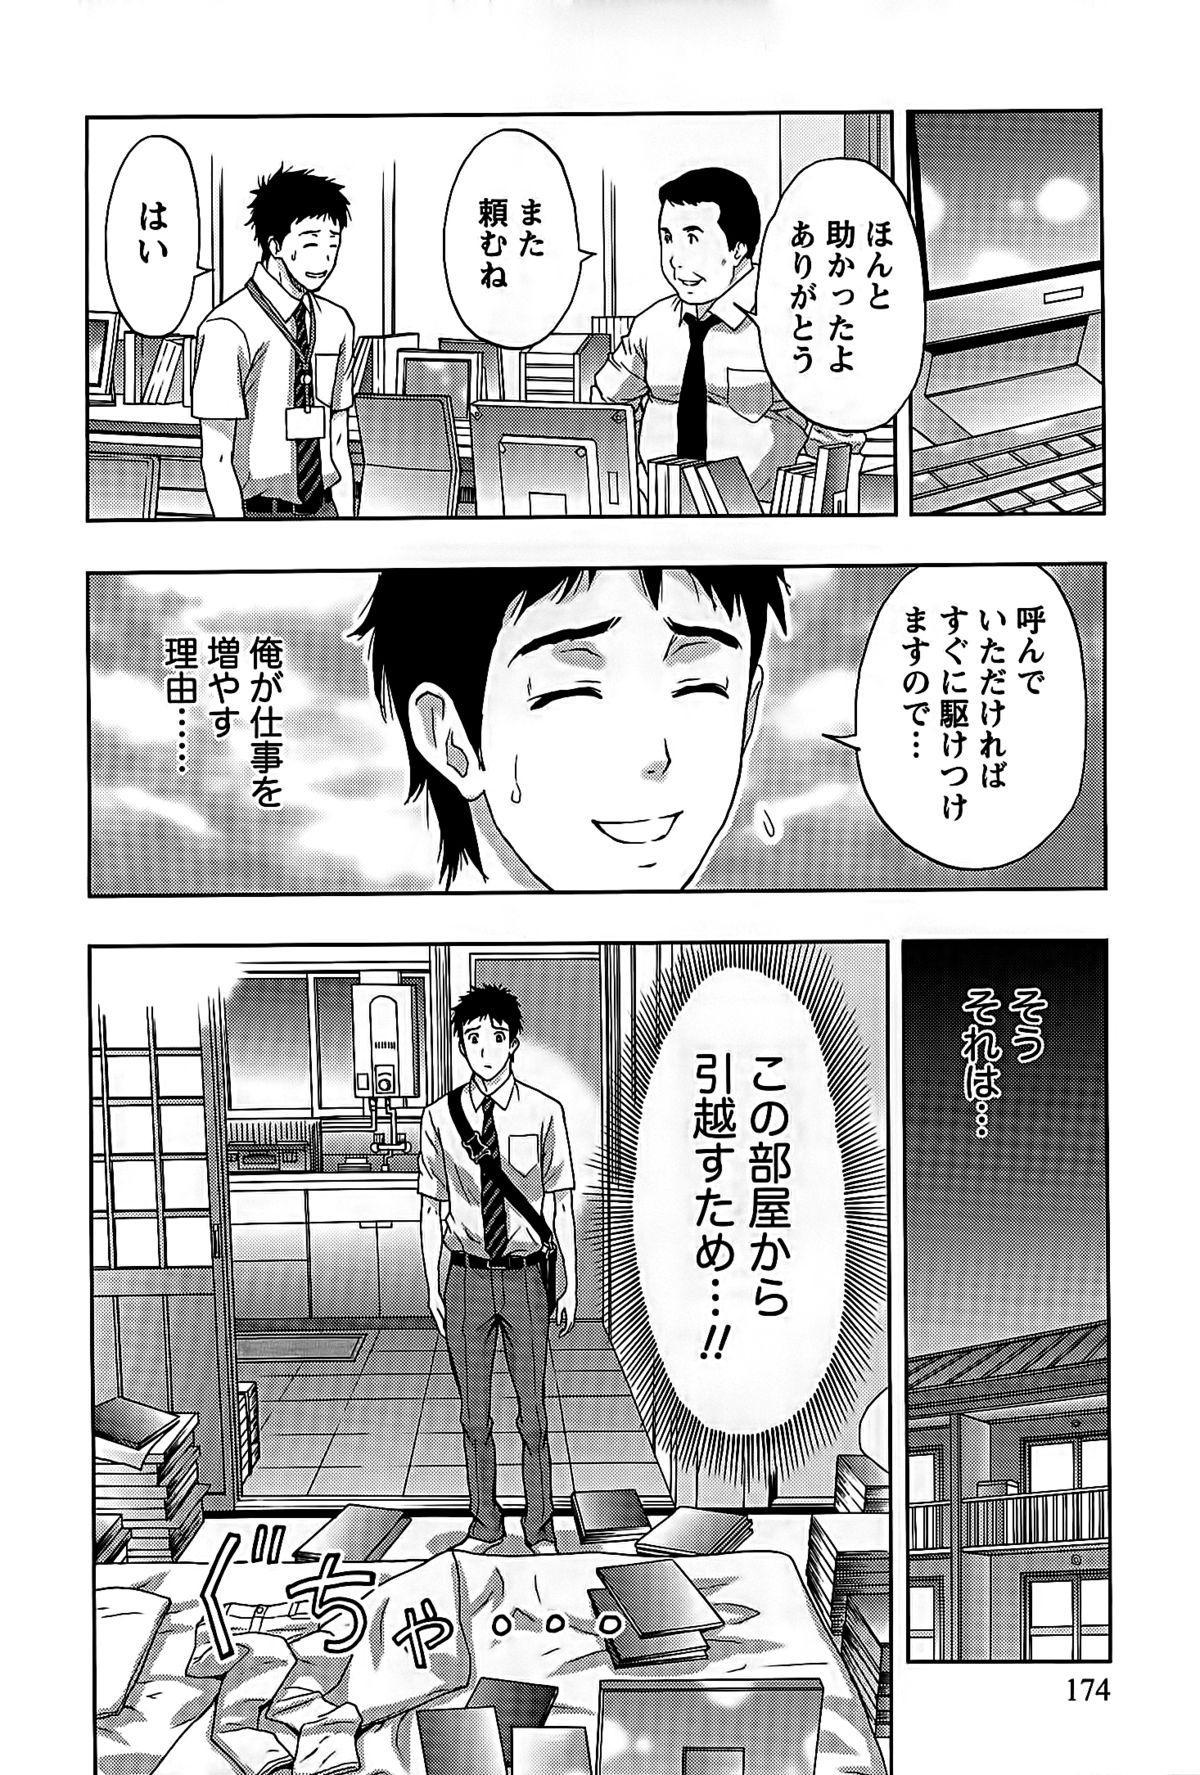 Shittori Lady to Amai Mitsu 174